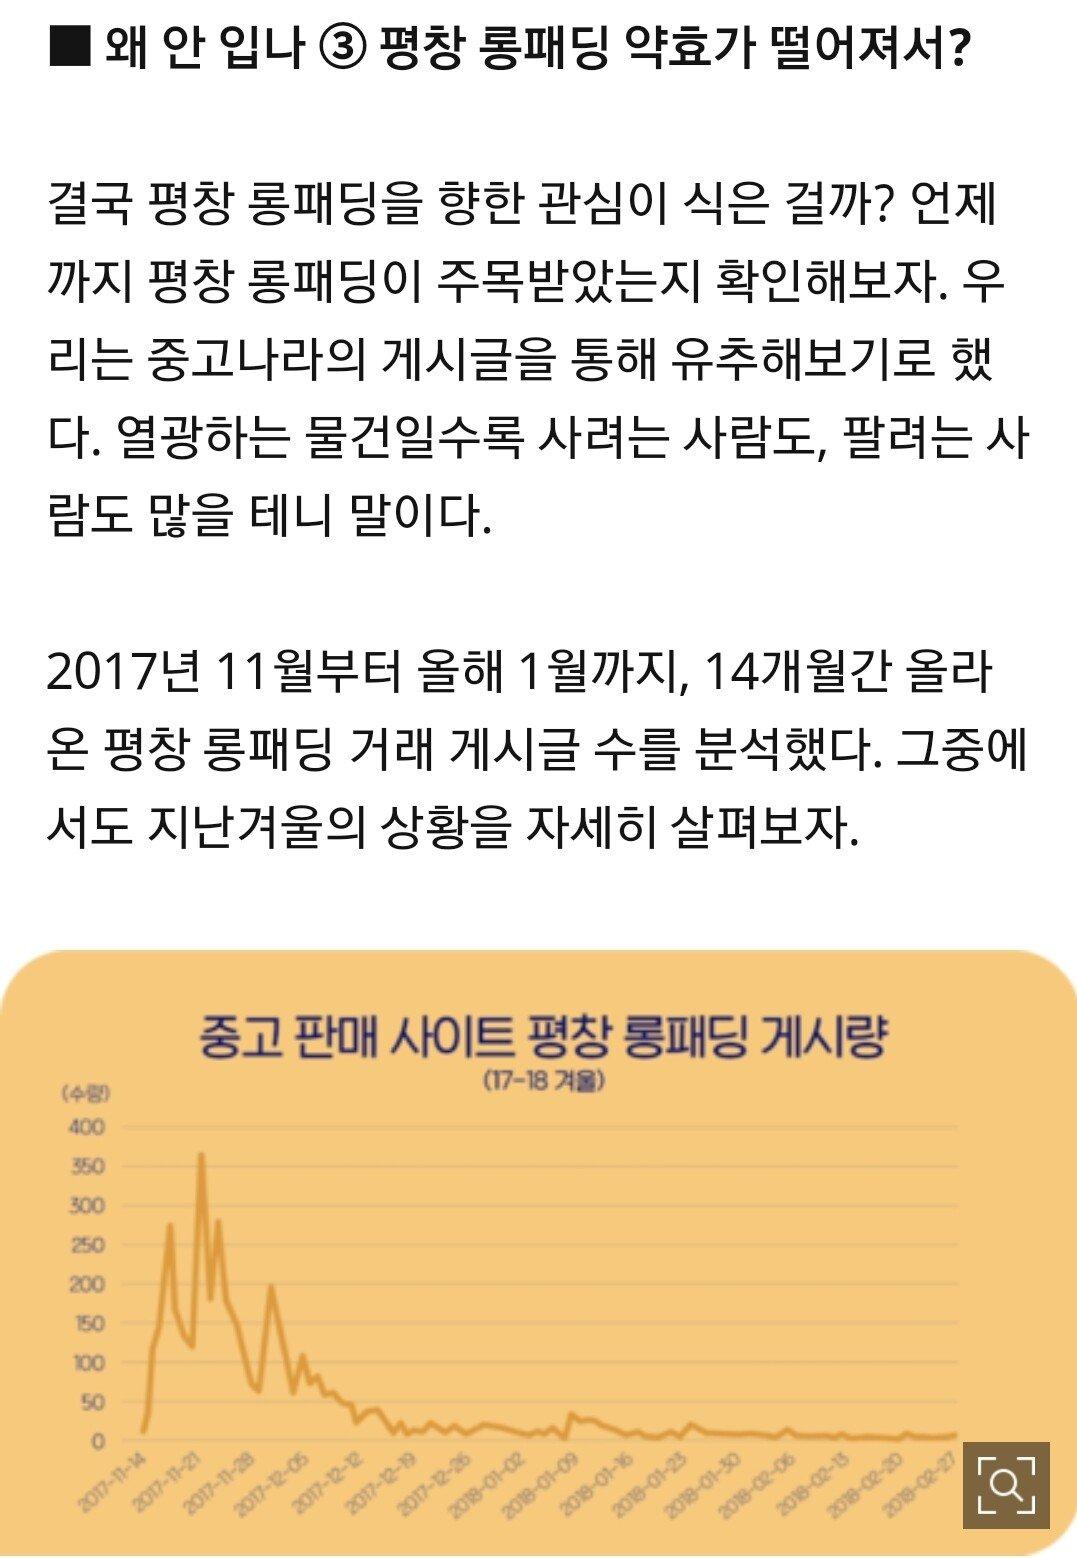 Screenshot_20190210-195717_Samsung Internet.jpg 평창 롱패딩 다 어디로 갔을까?